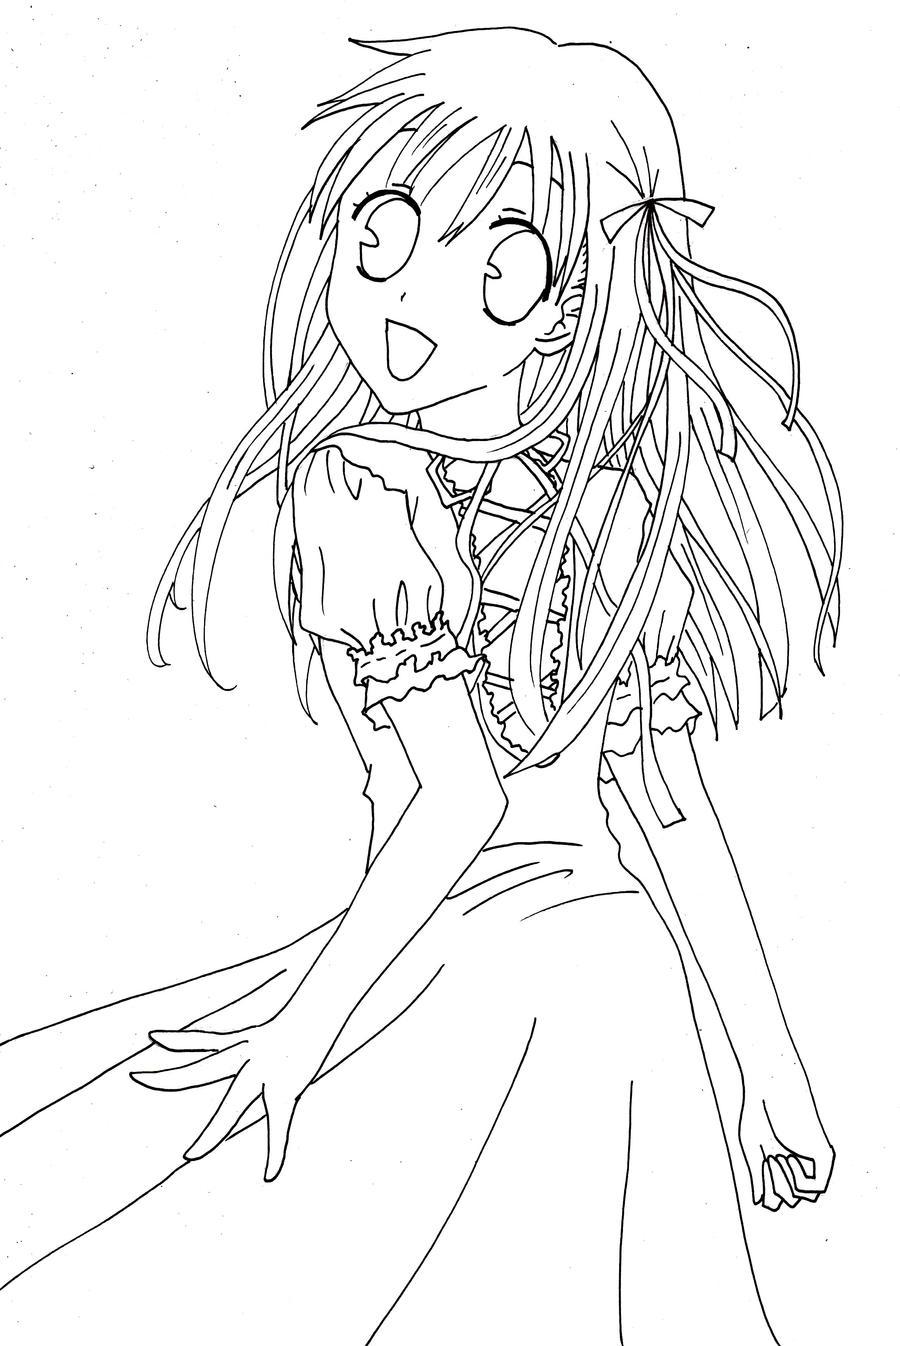 Fanart :: Tohru Lineart by strawberry-queen1